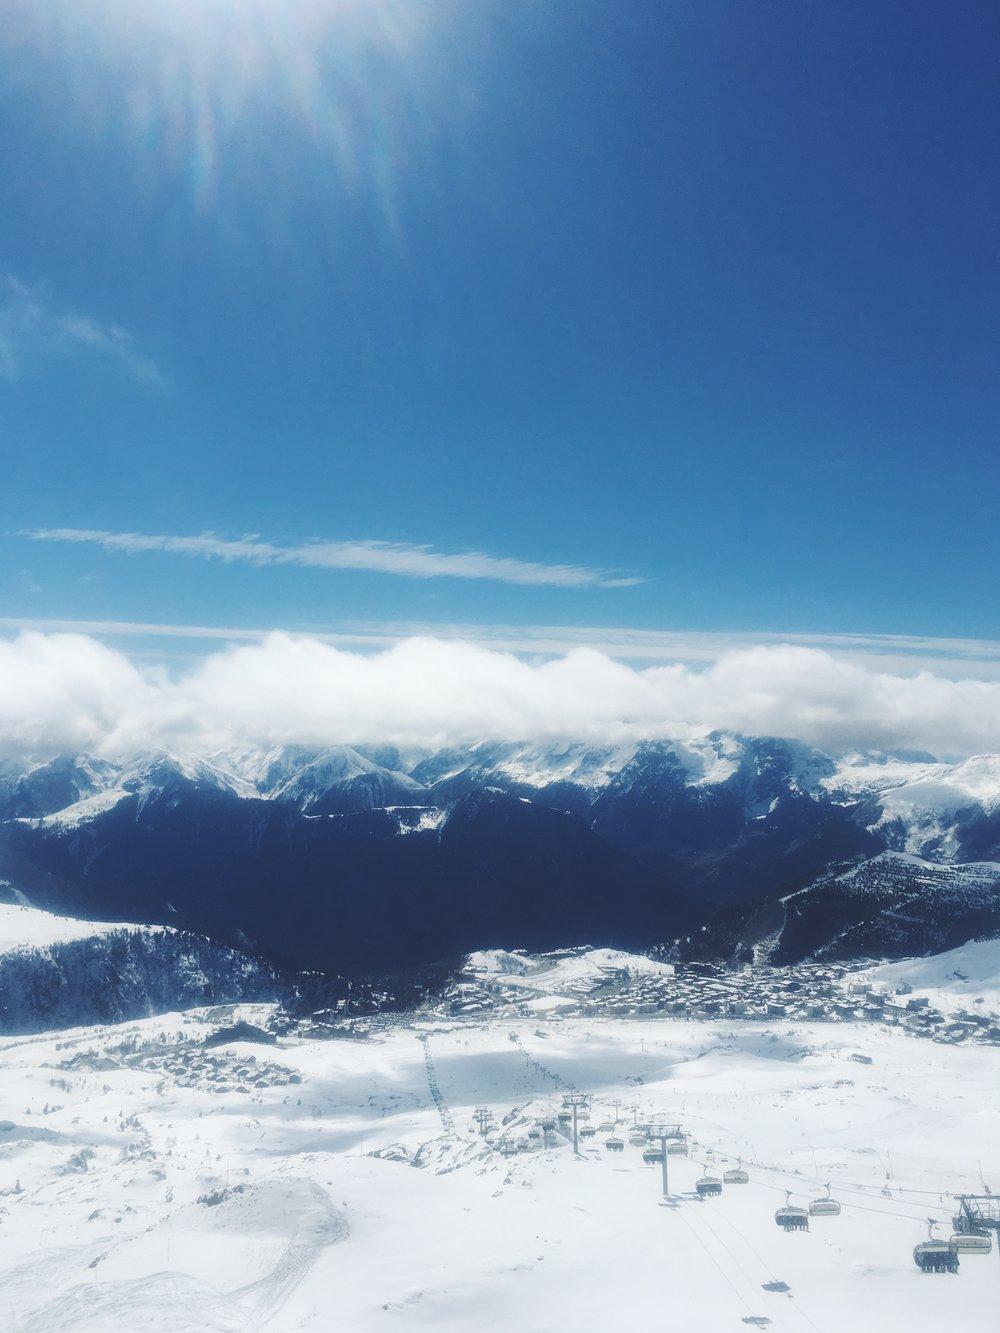 Alpe d'Huez delivering on sunny spring weather!